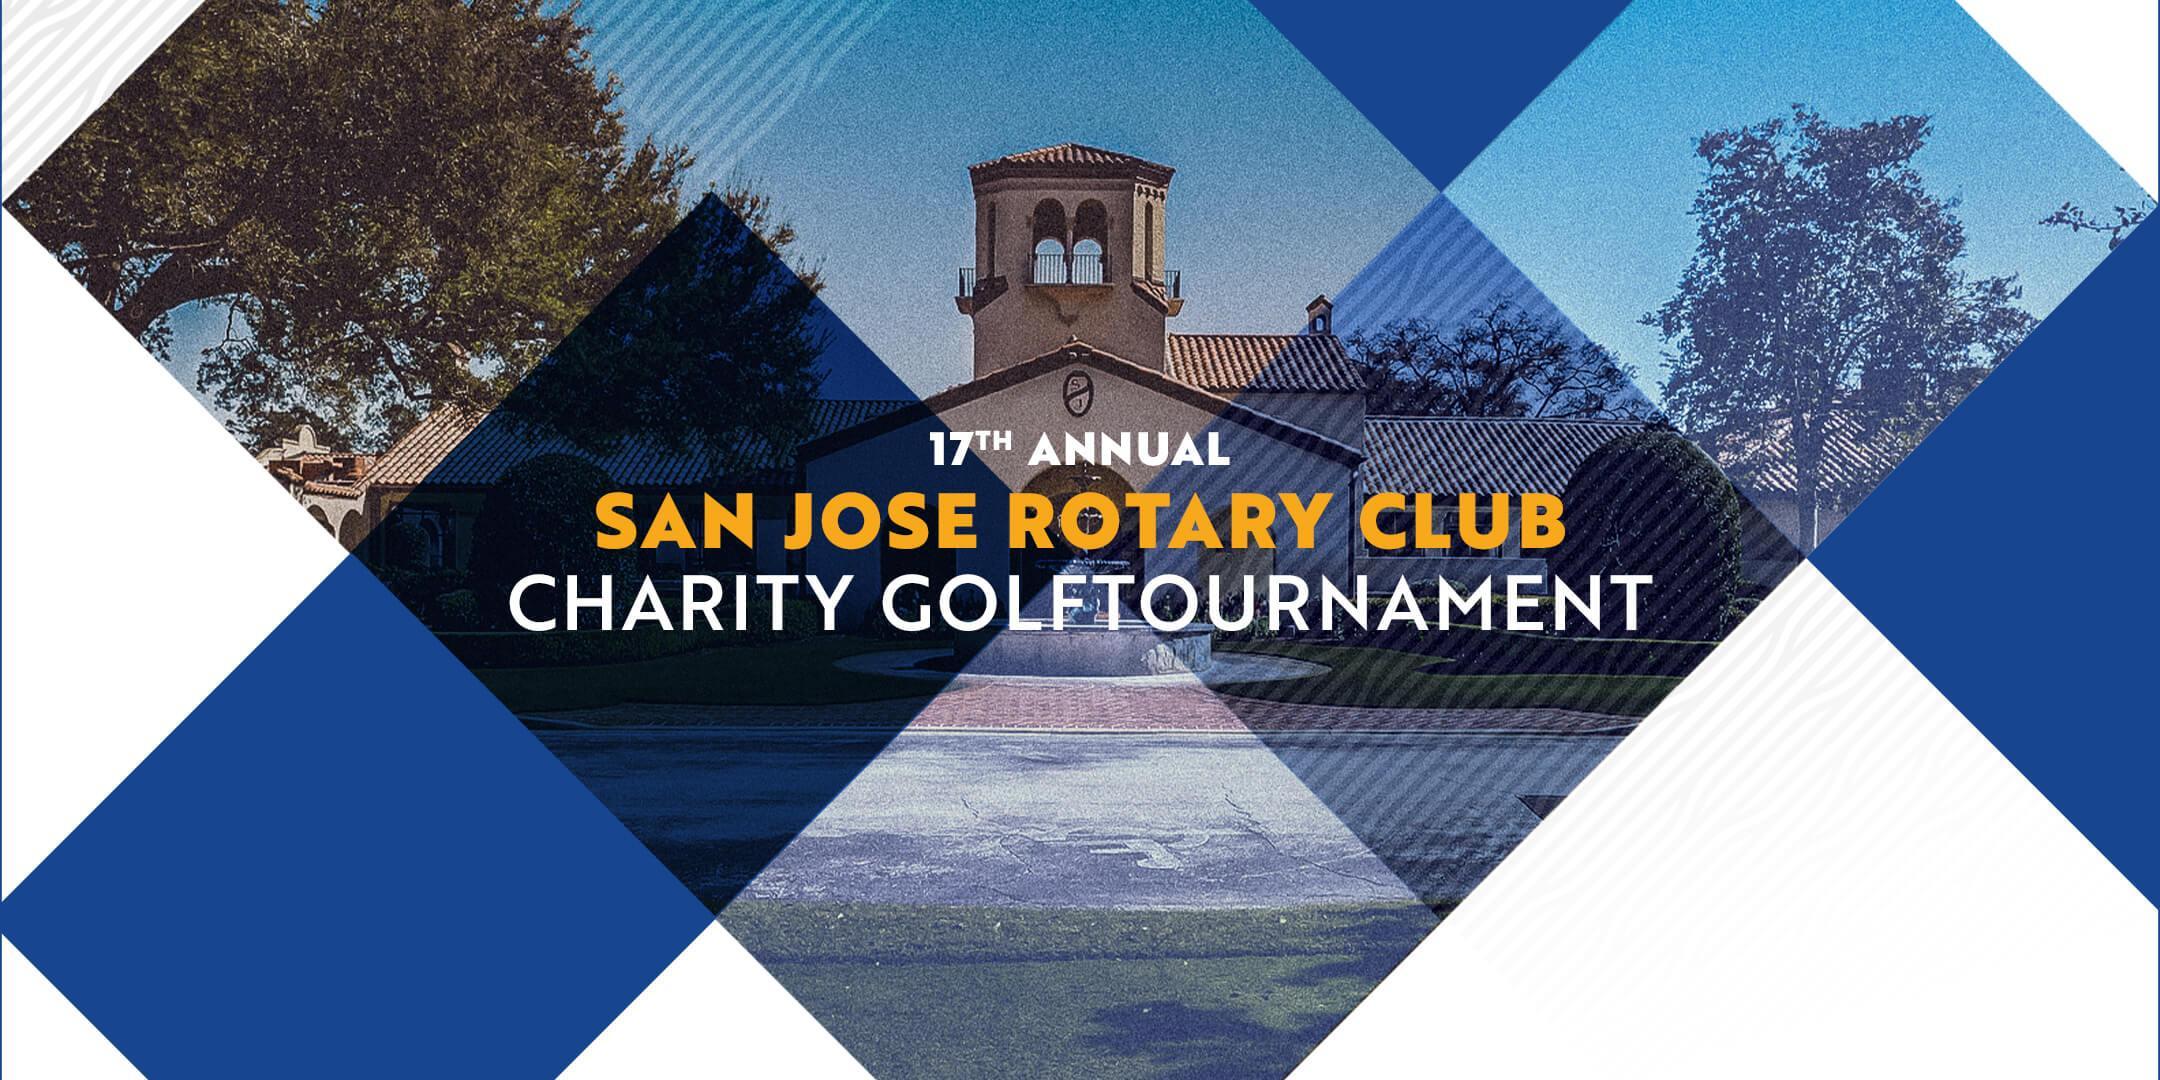 17th Annual San Jose Rotary Club Charity Golf Tournament